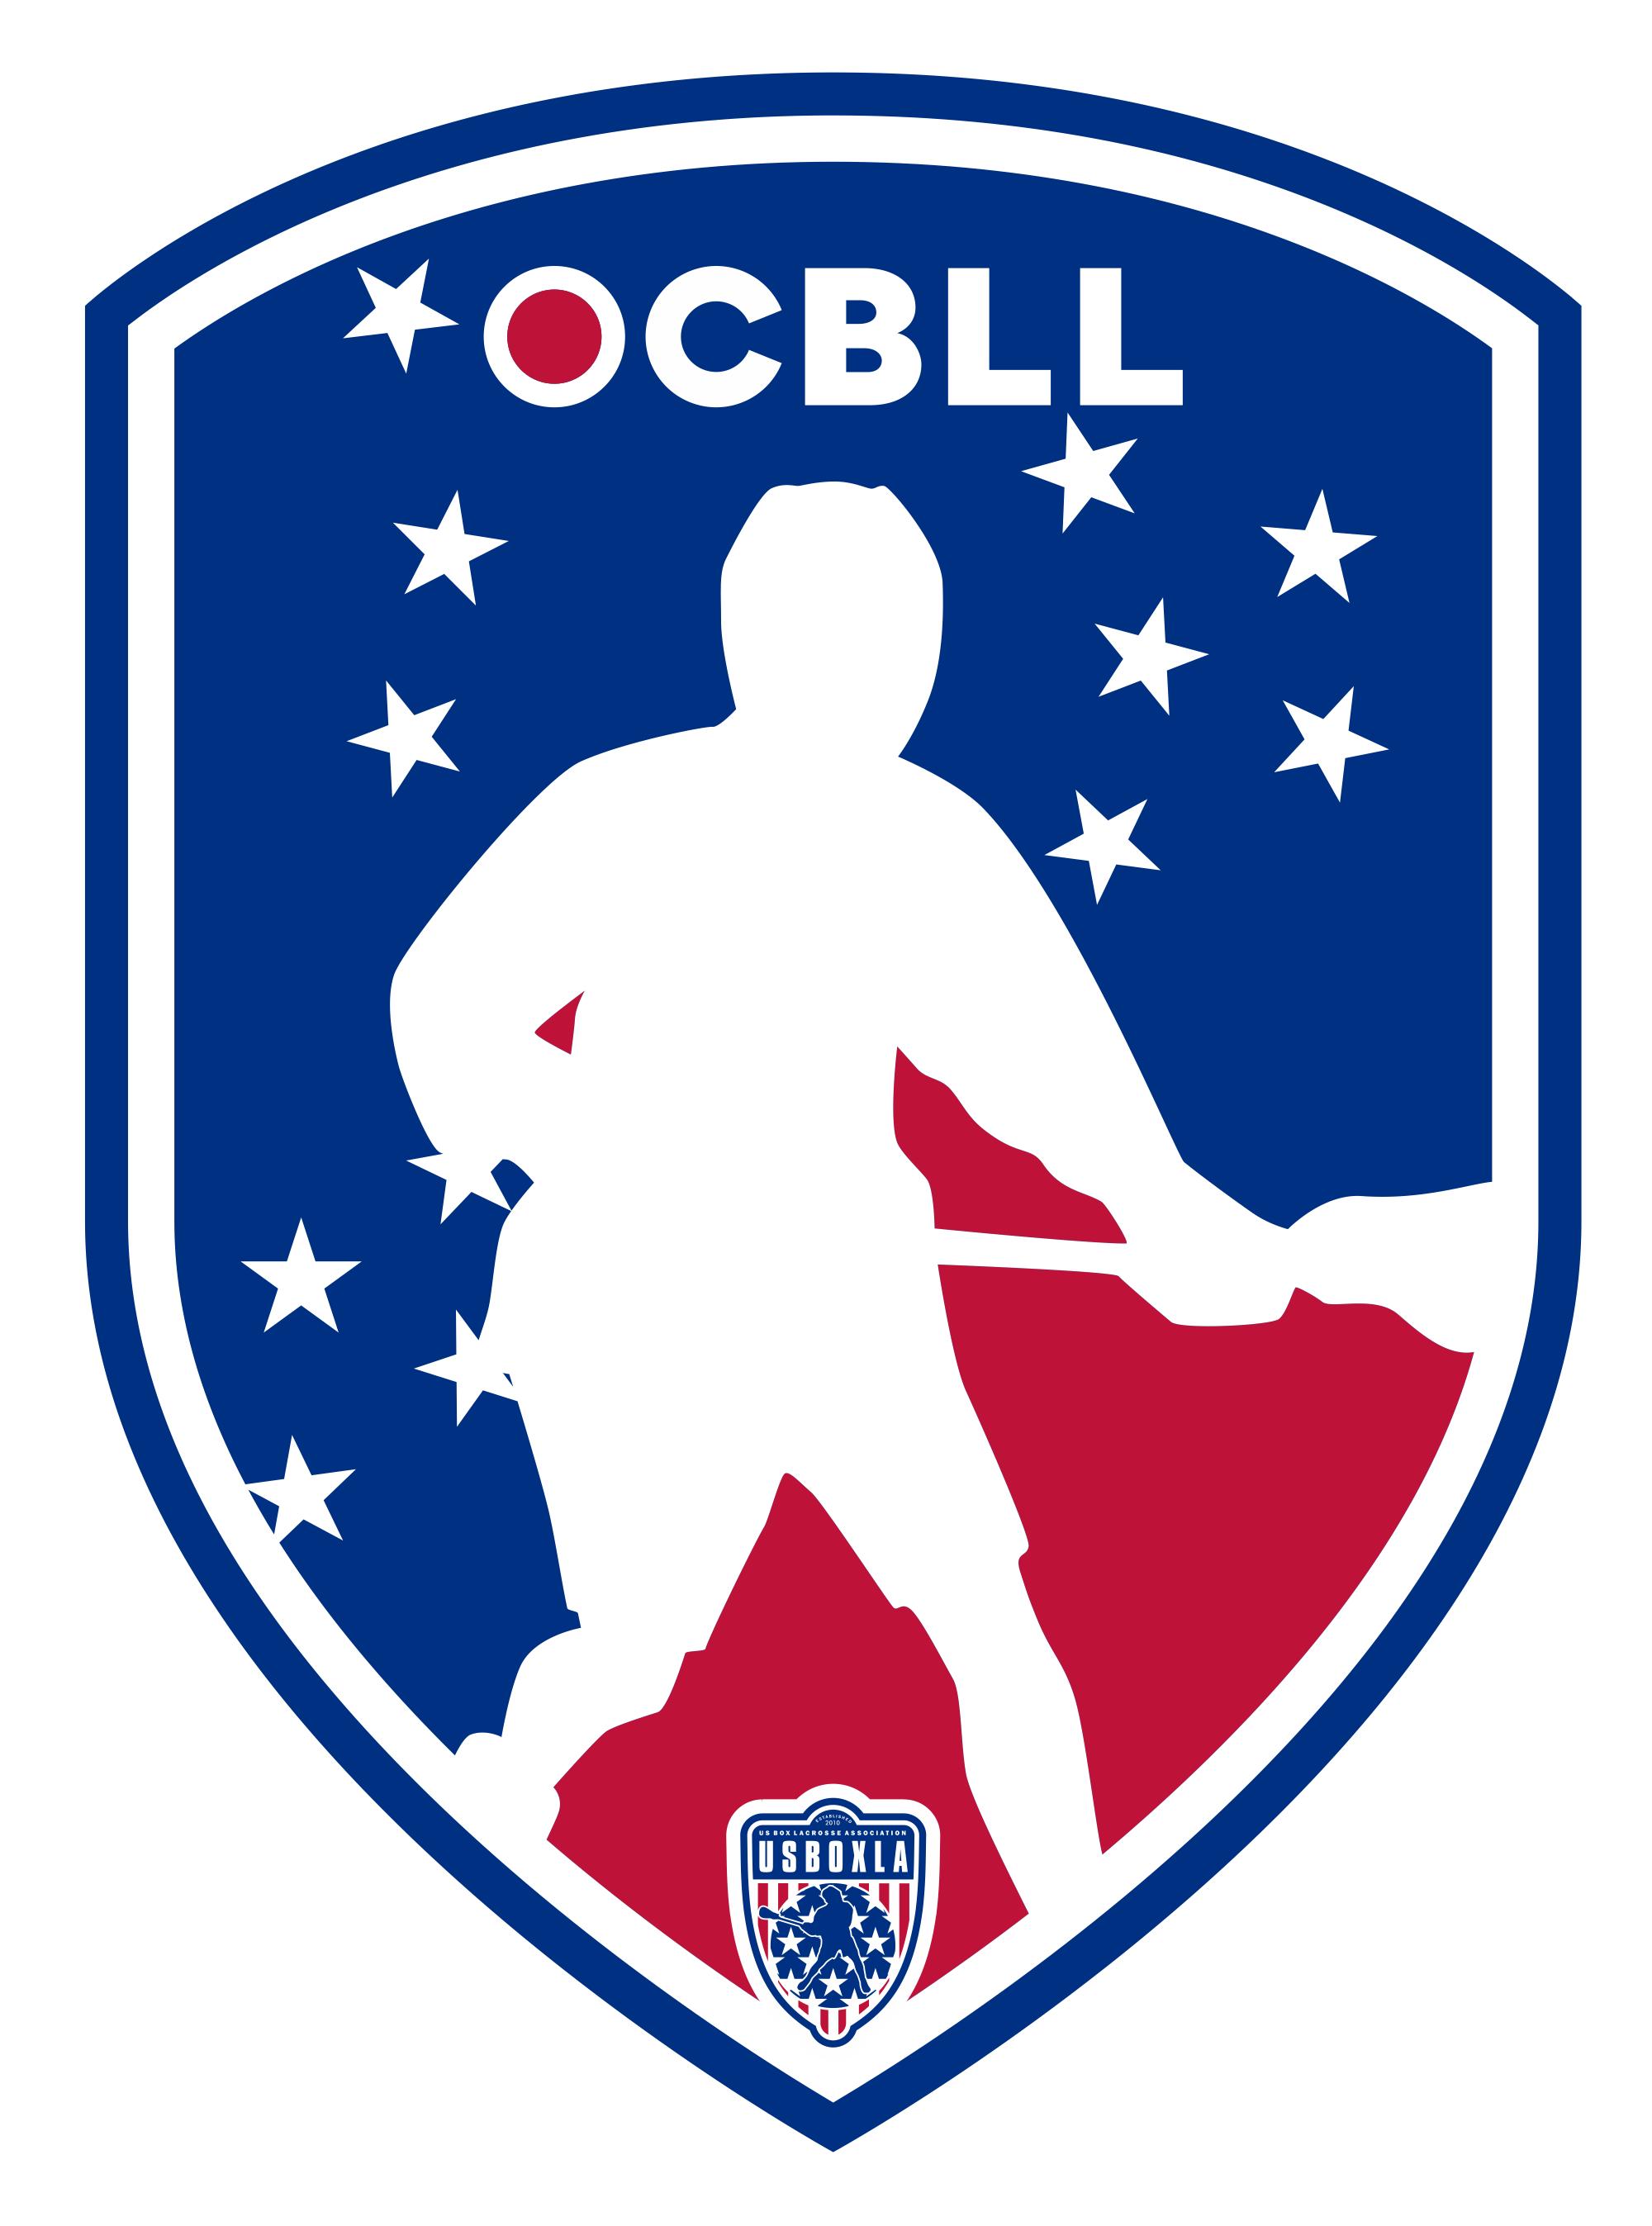 ocbllv2